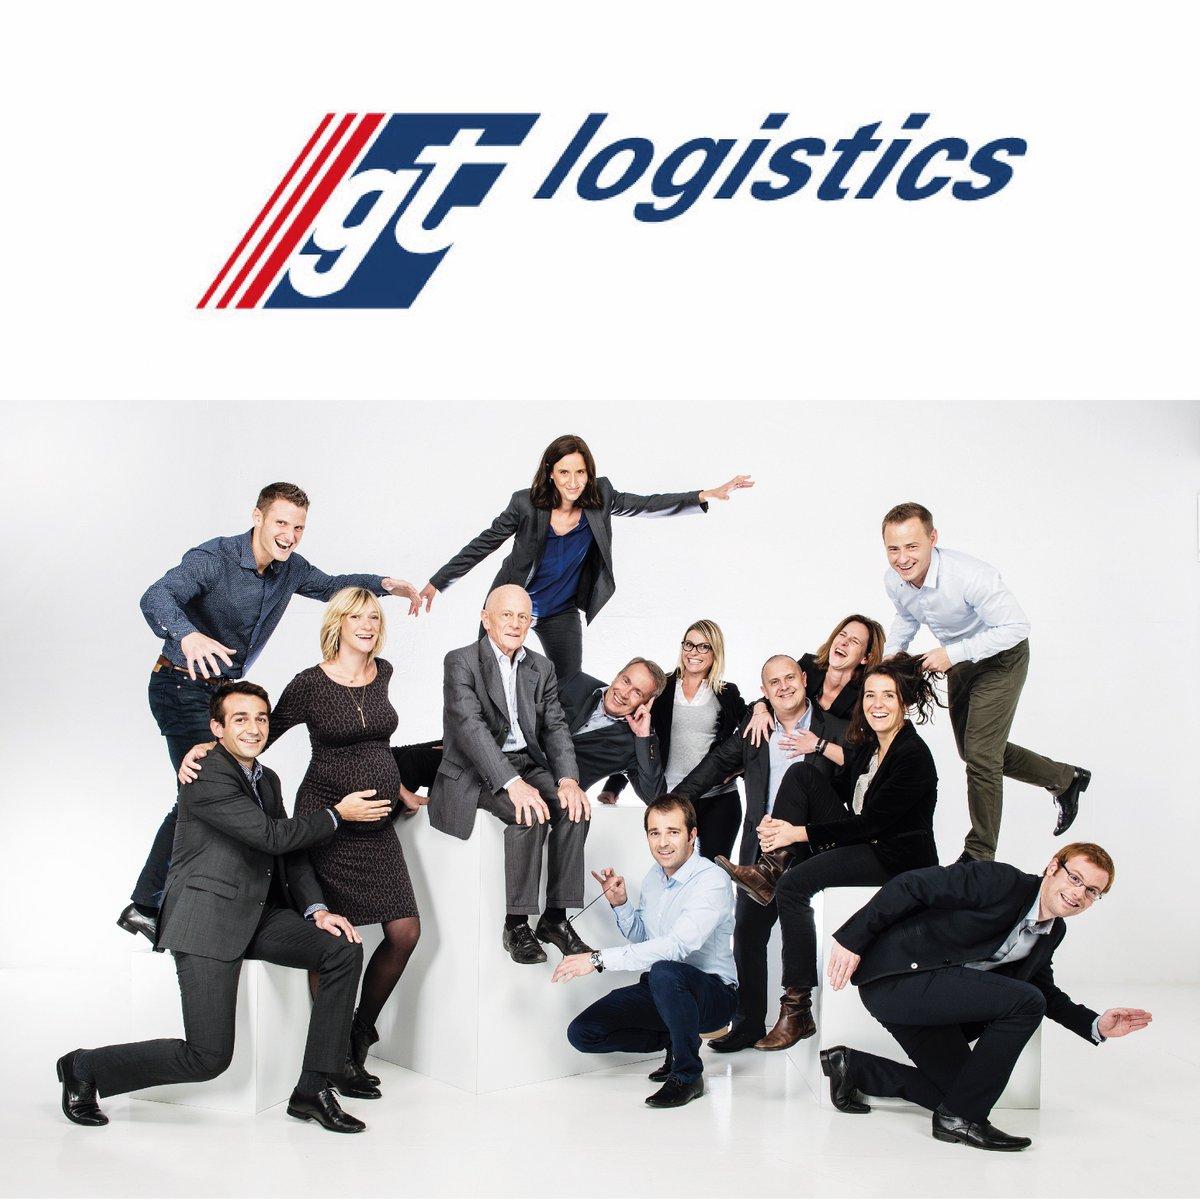 GT Logistics, spécialiste en externalisation logistique adhère à @Bdx_Technowest et rejoint ainsi le réseau des partenaires d'excellence.